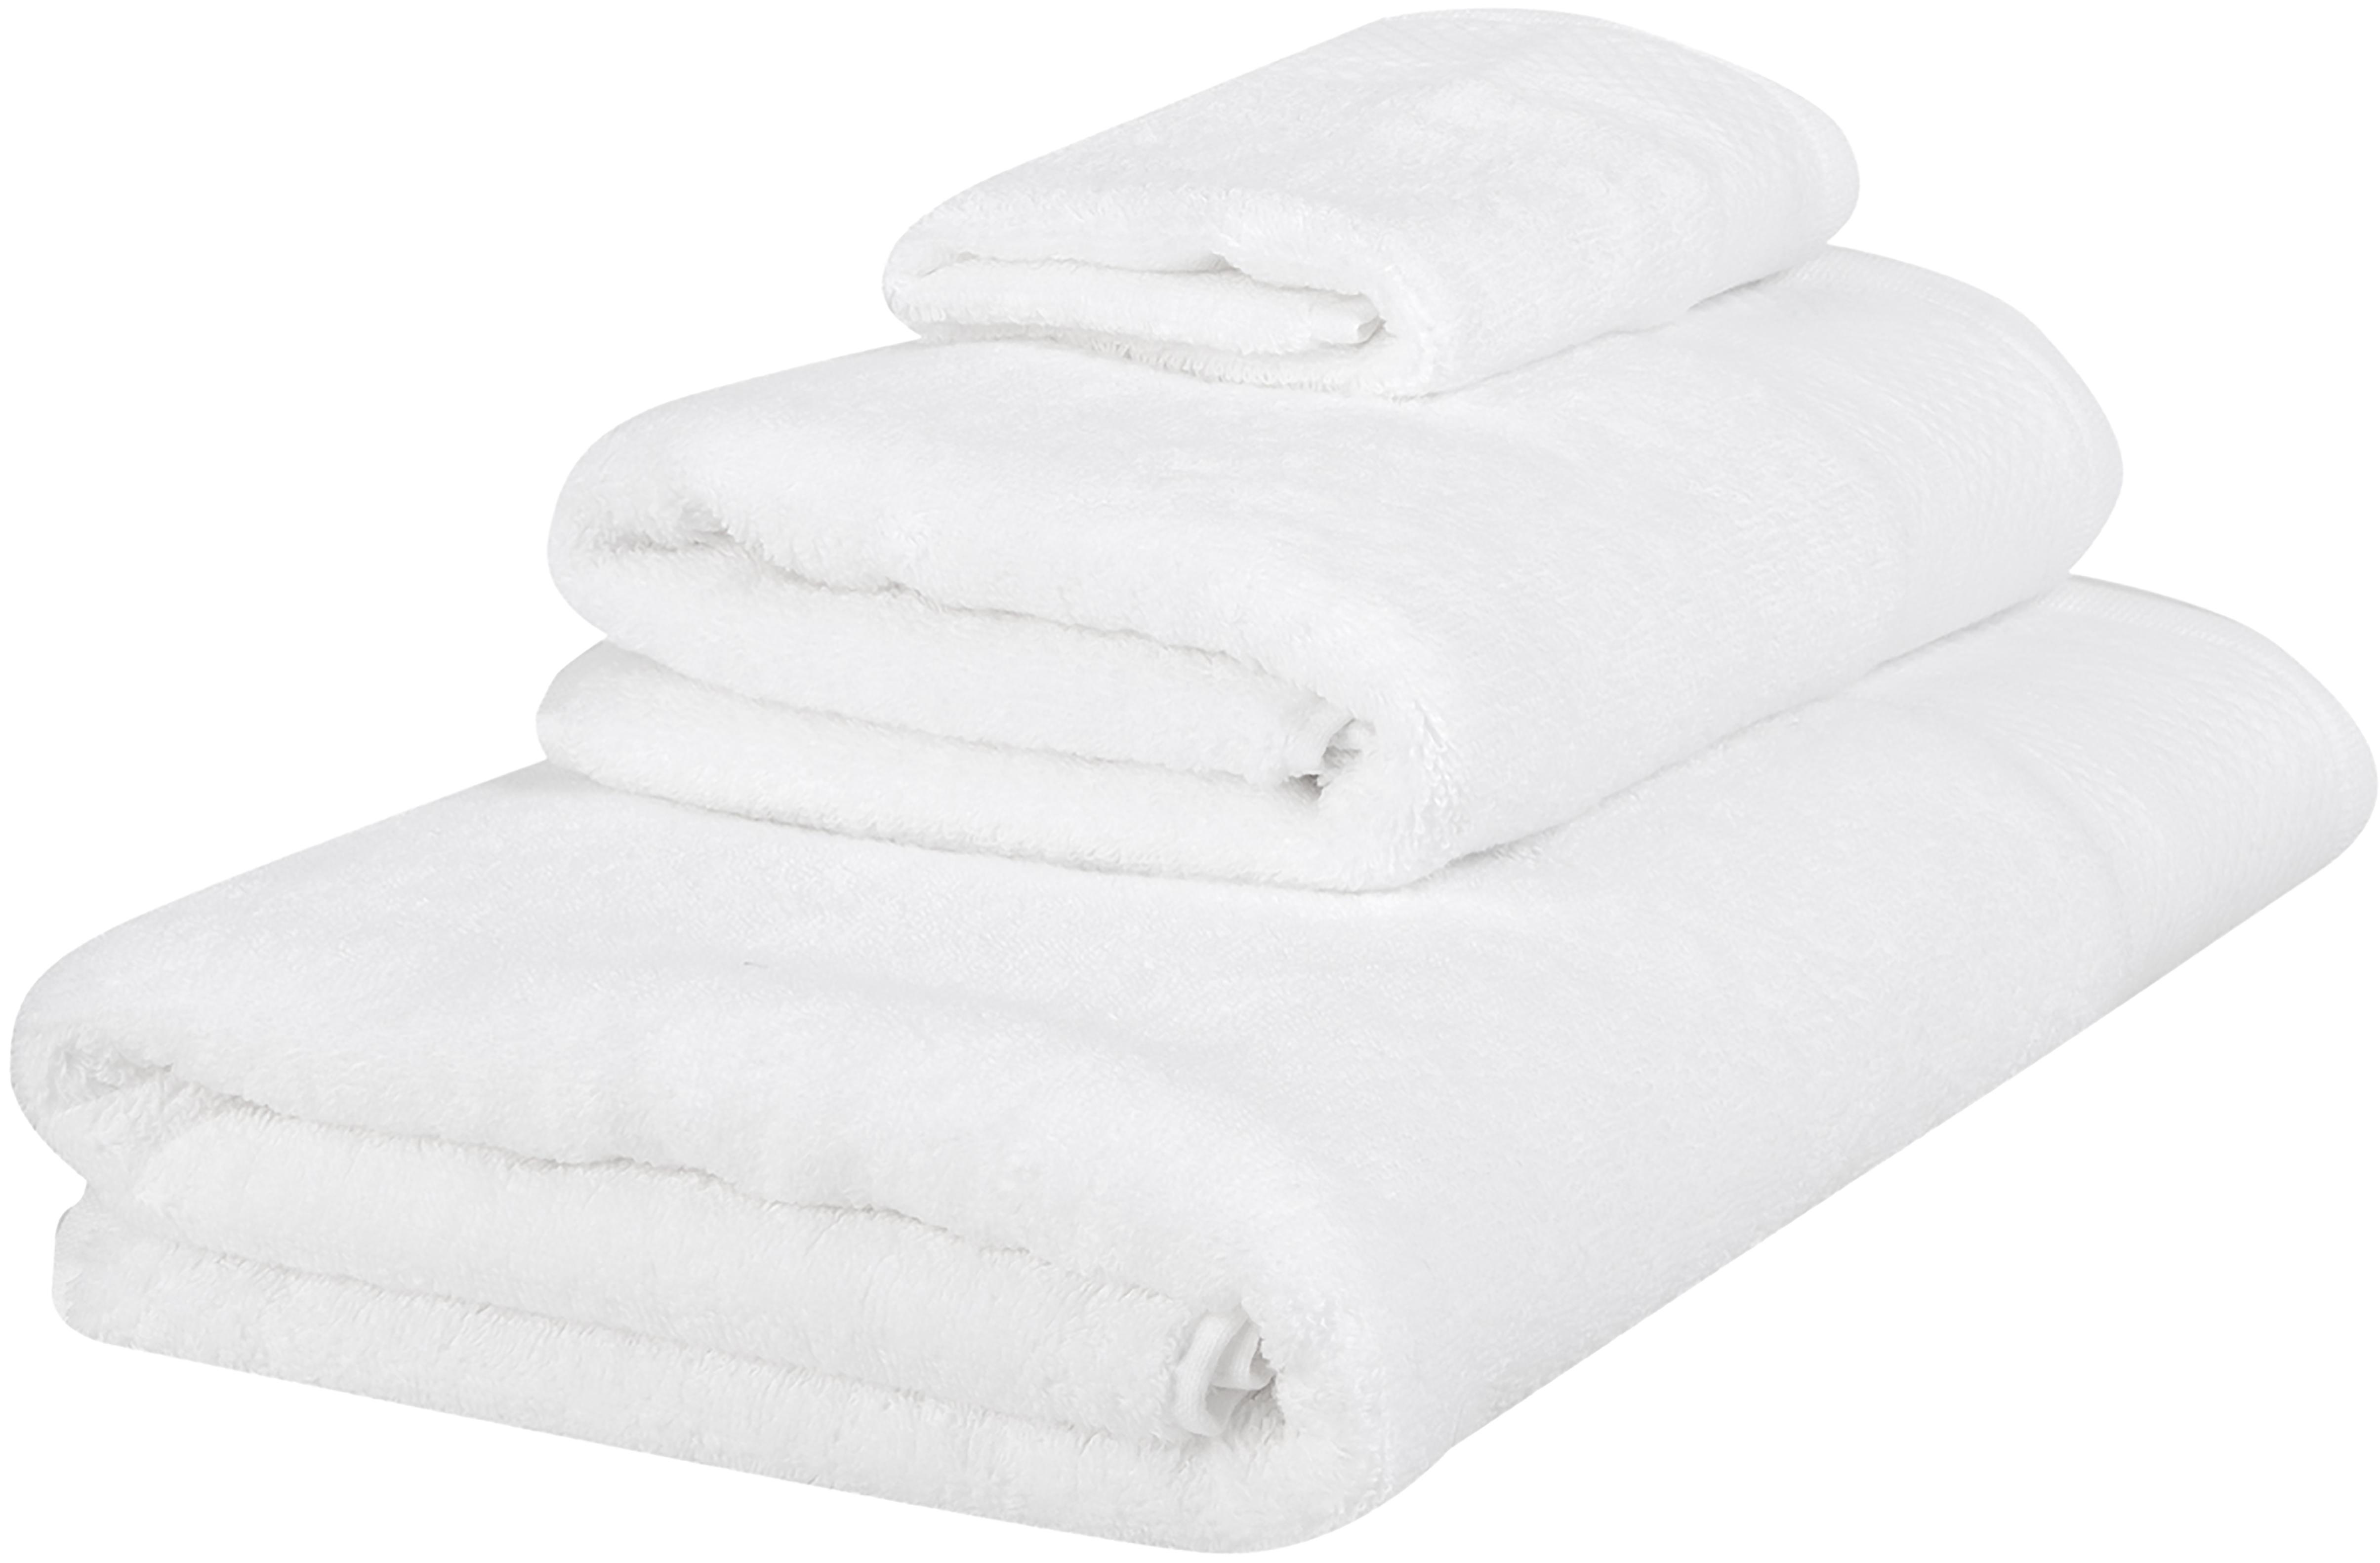 Set 3 asciugamani Premium, Bianco, Set in varie misure